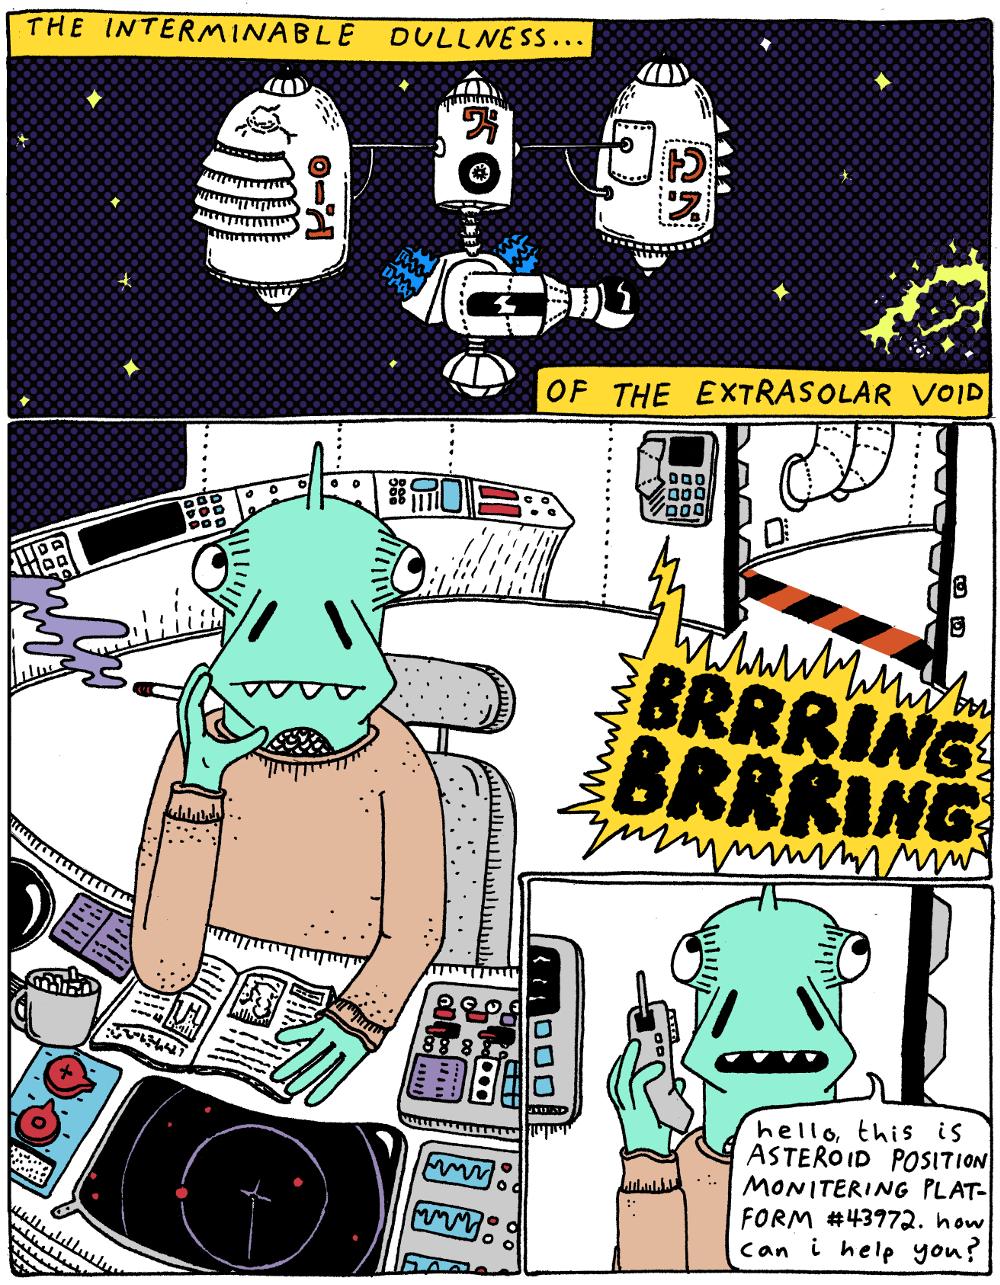 spacecasepage1.jpg